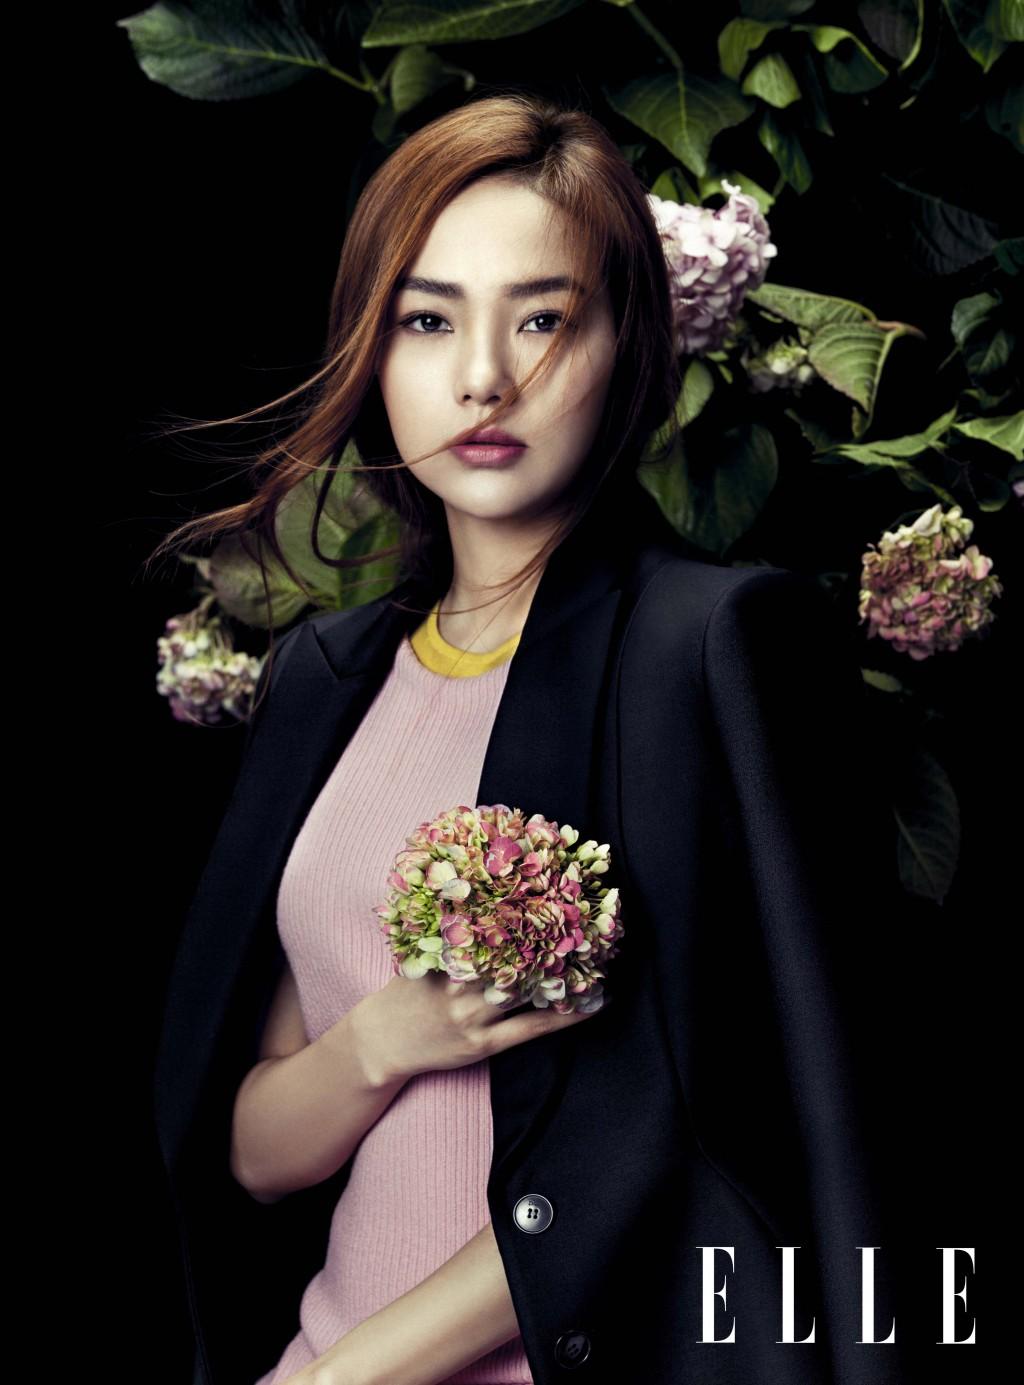 Đầm và áo khoác Christian Dior